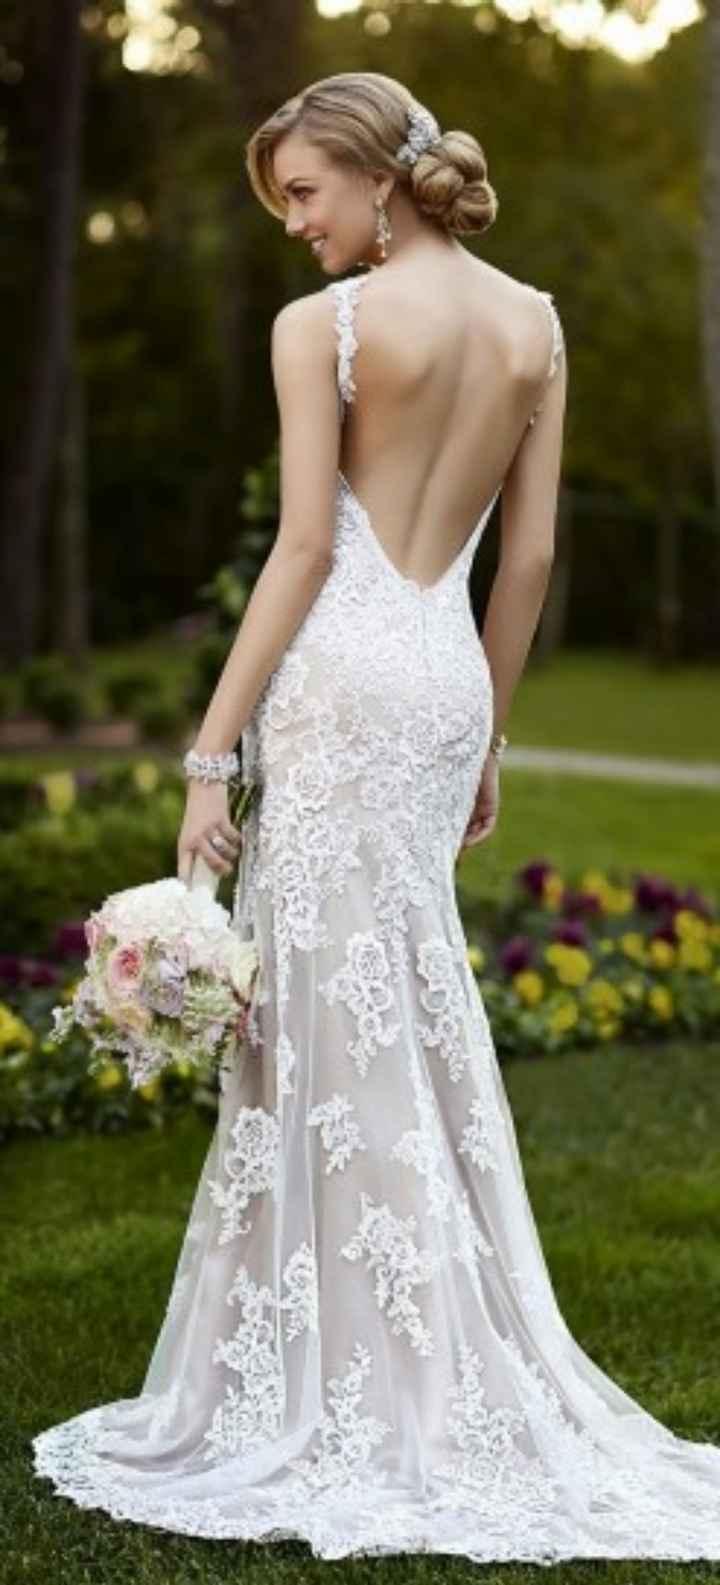 Abiti da sposa, meglio con la schiena scoperta oppure con una profonda scollatura? - 1